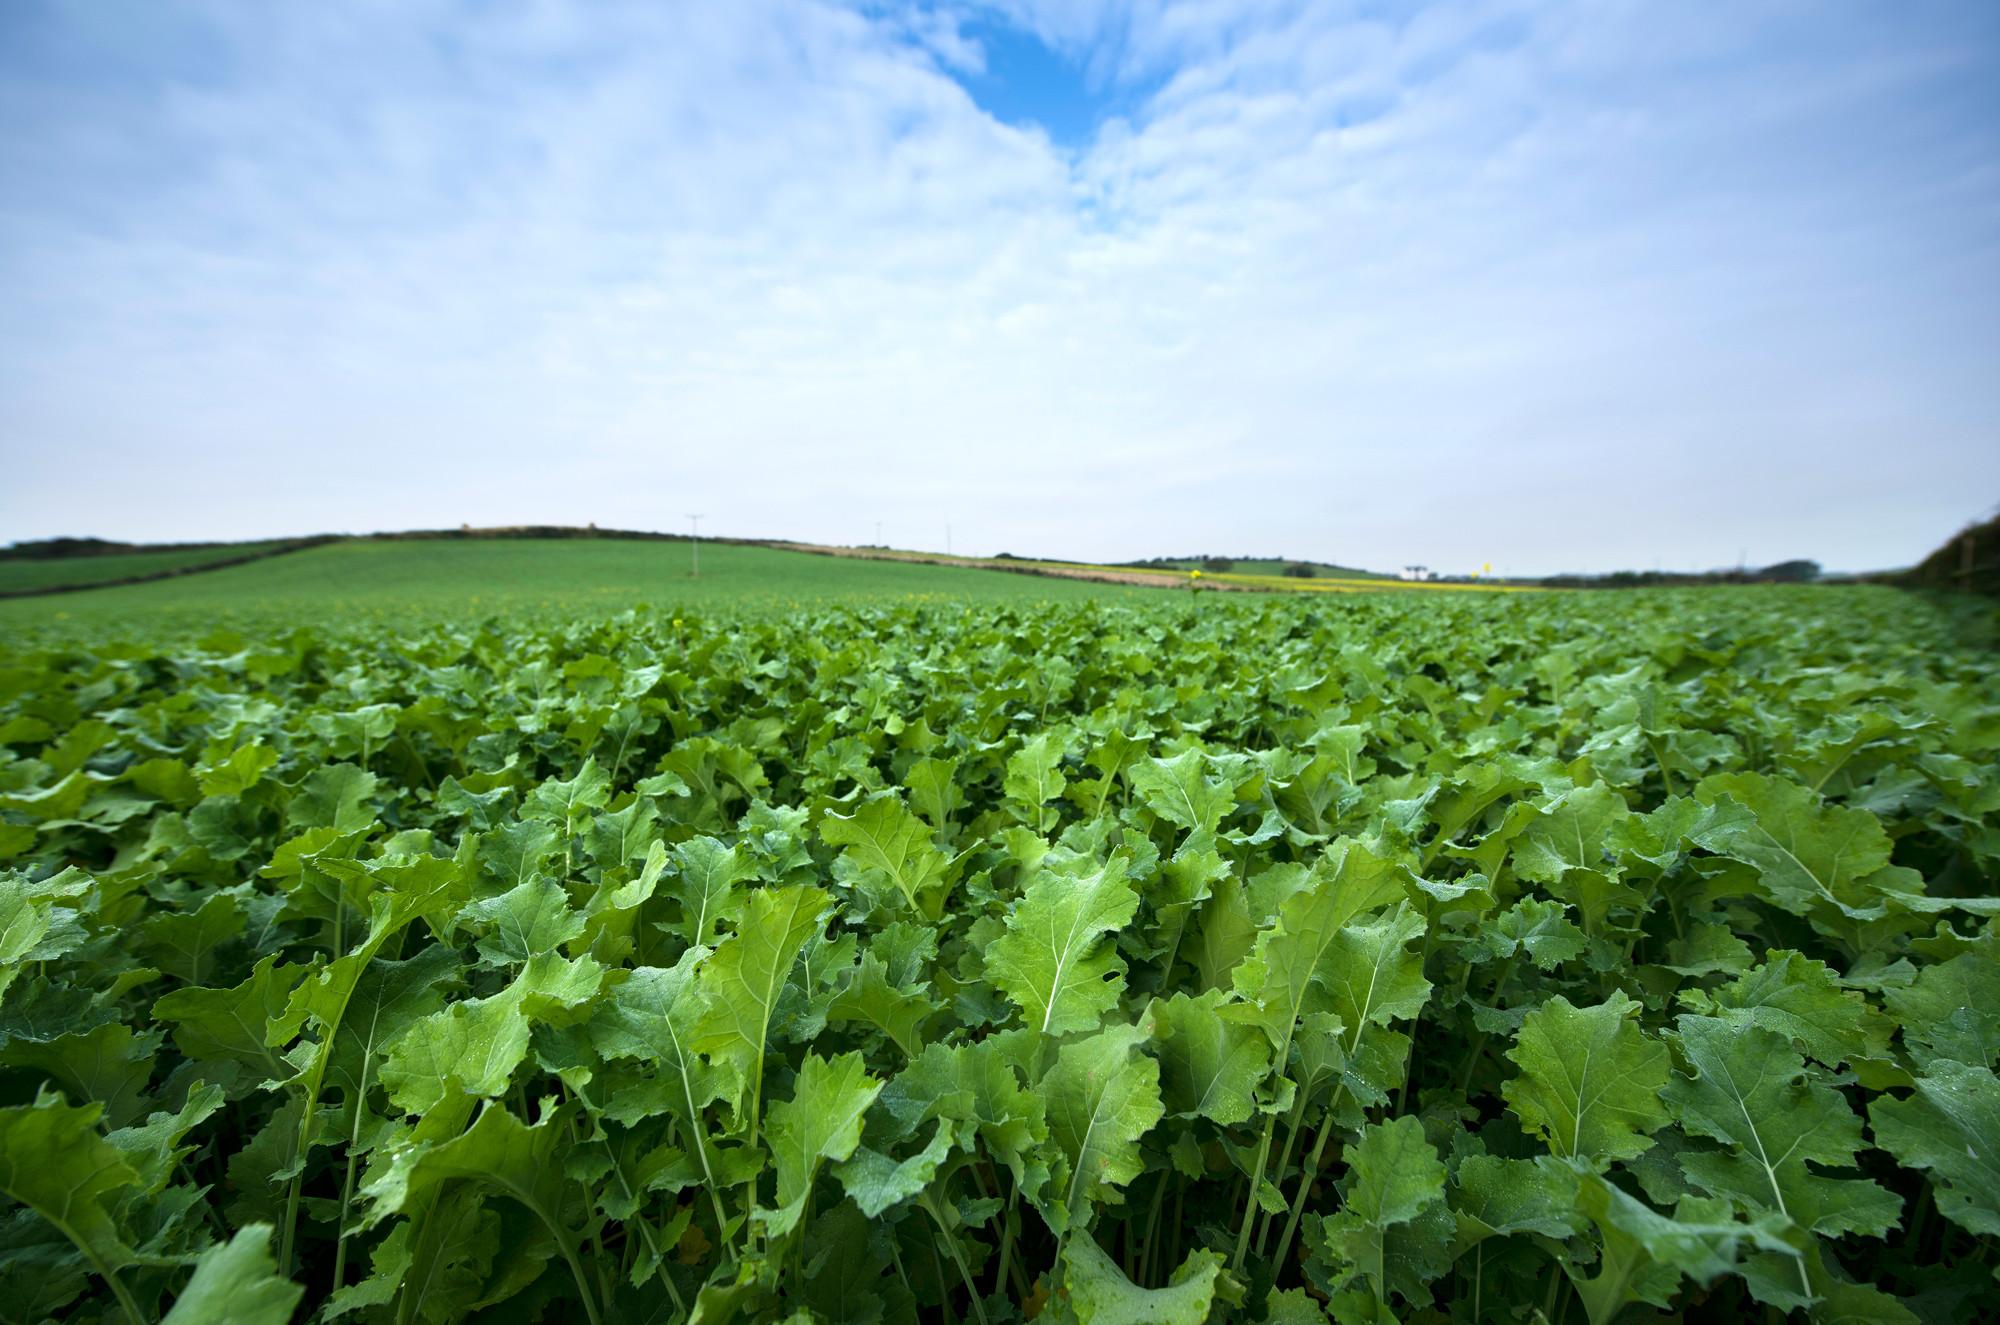 Brassicas/Forage Crops